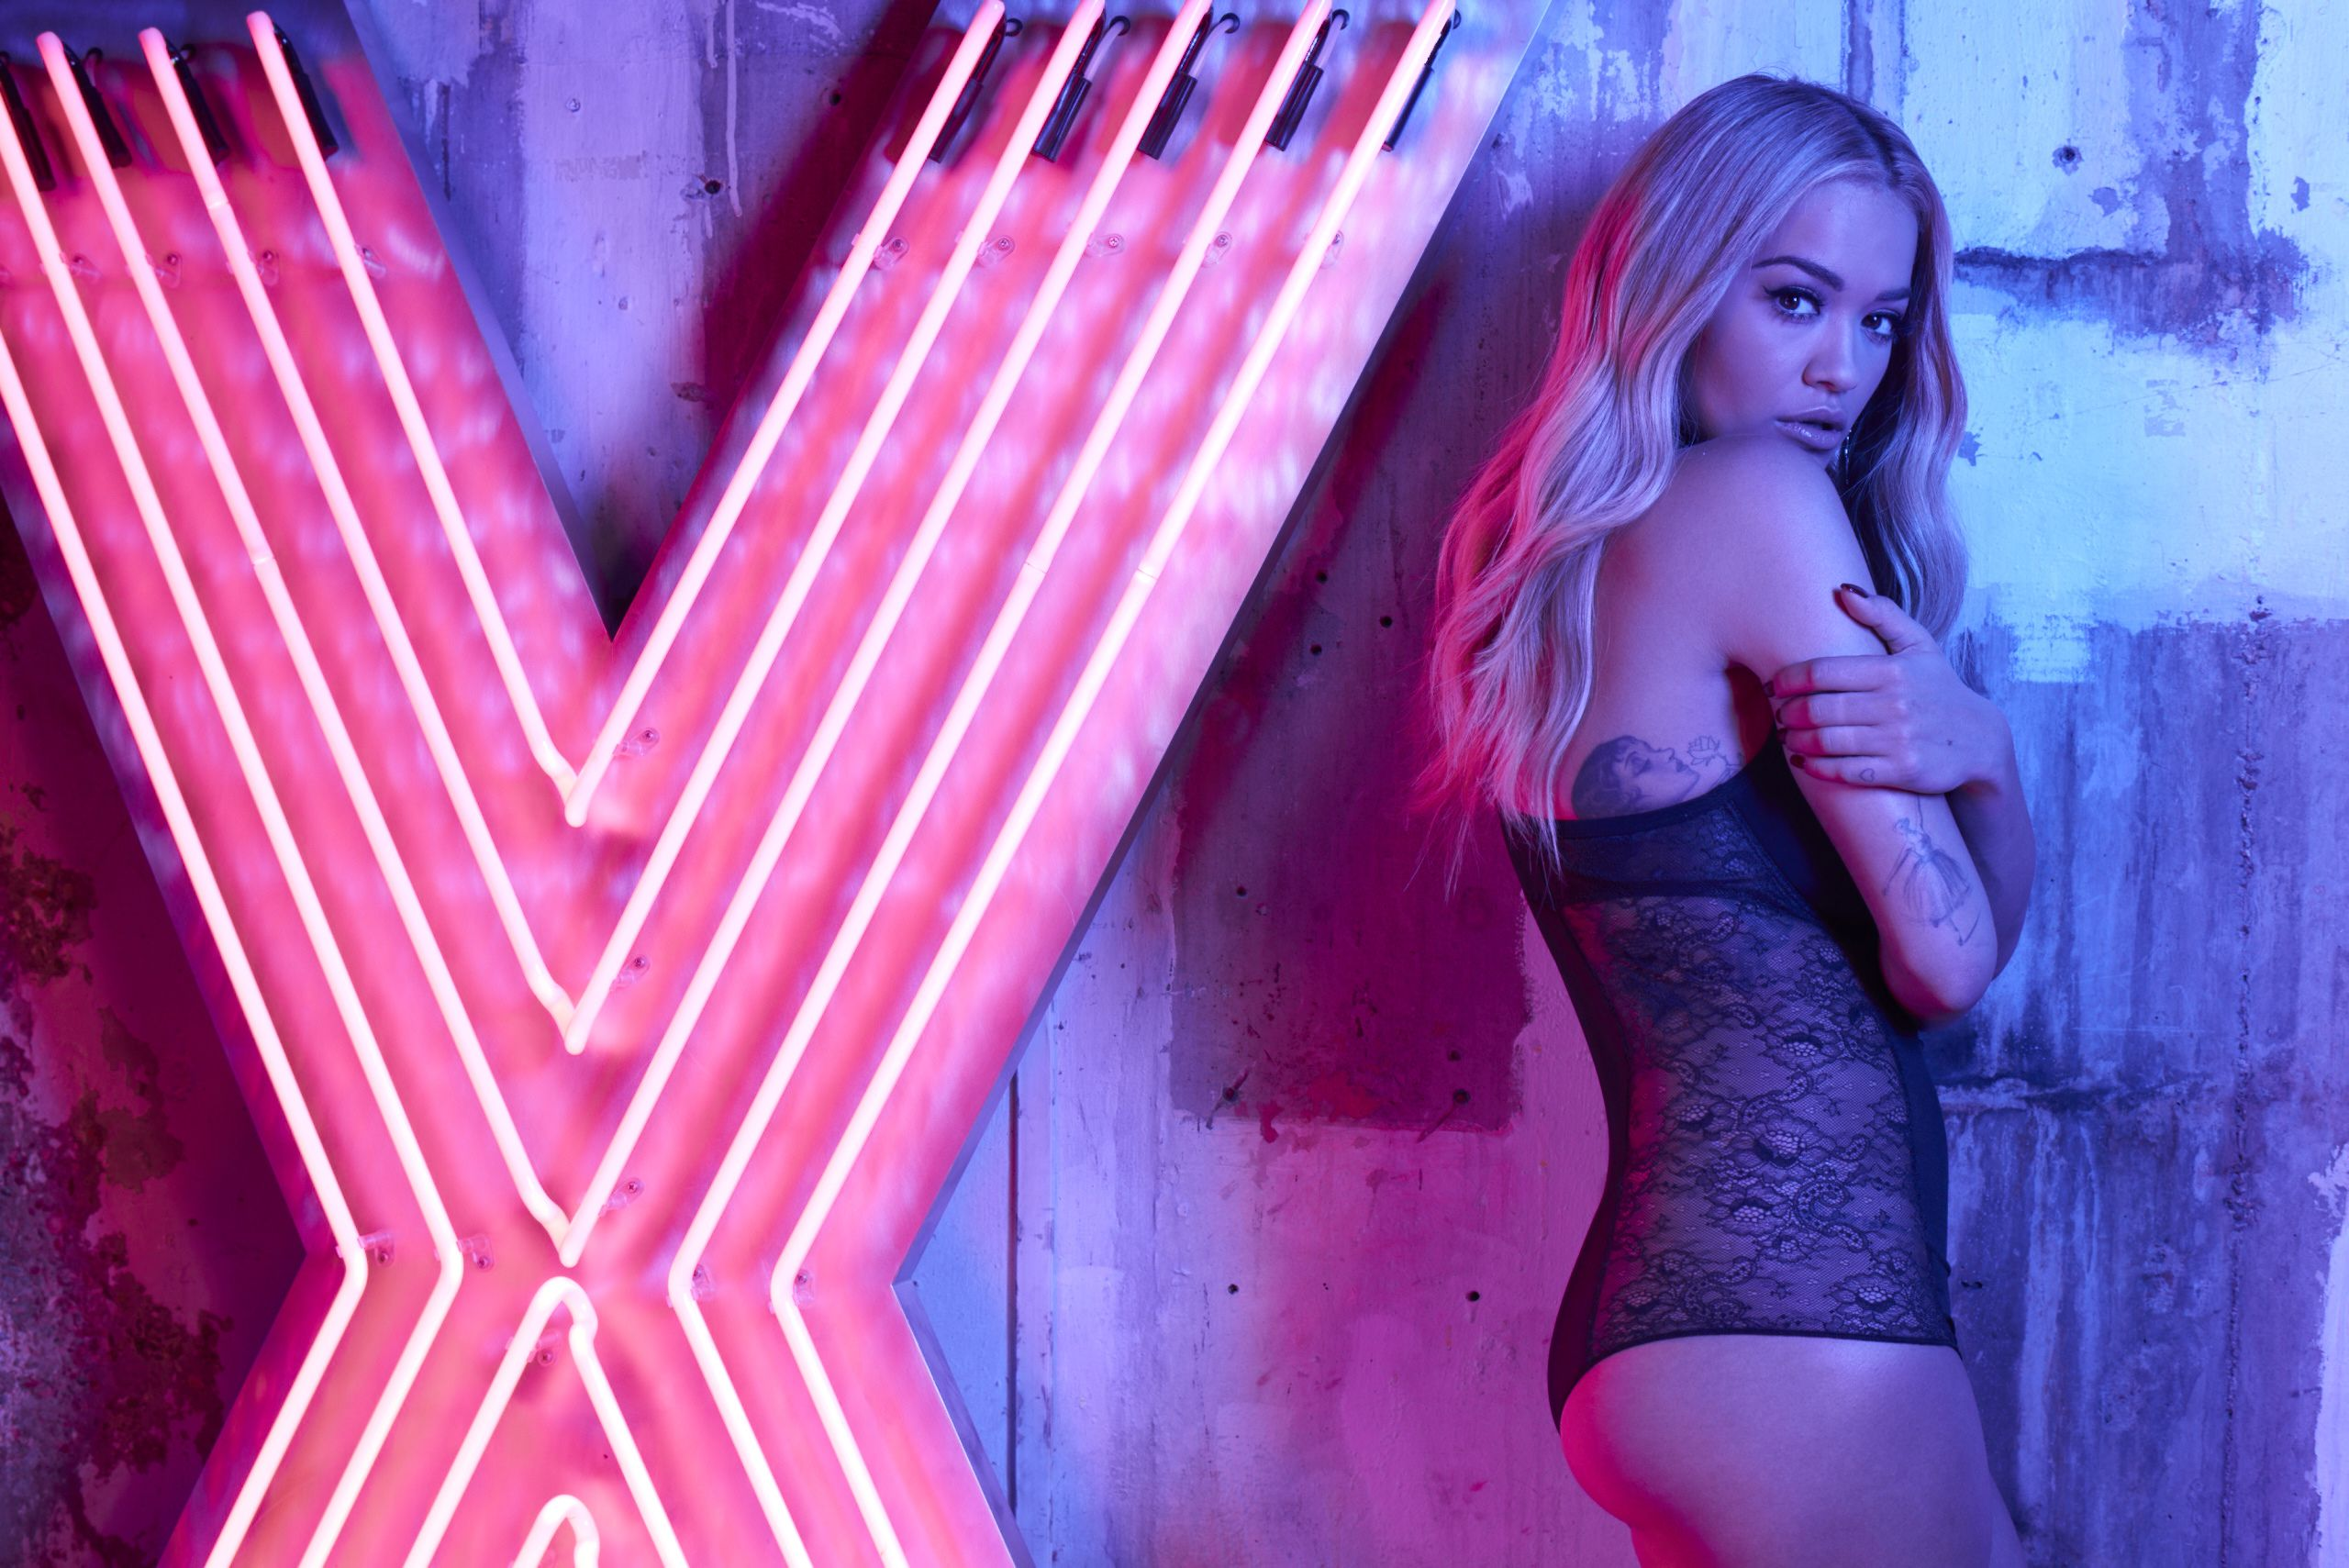 Fondos de pantalla Rita Ora Photoshoot de 2017